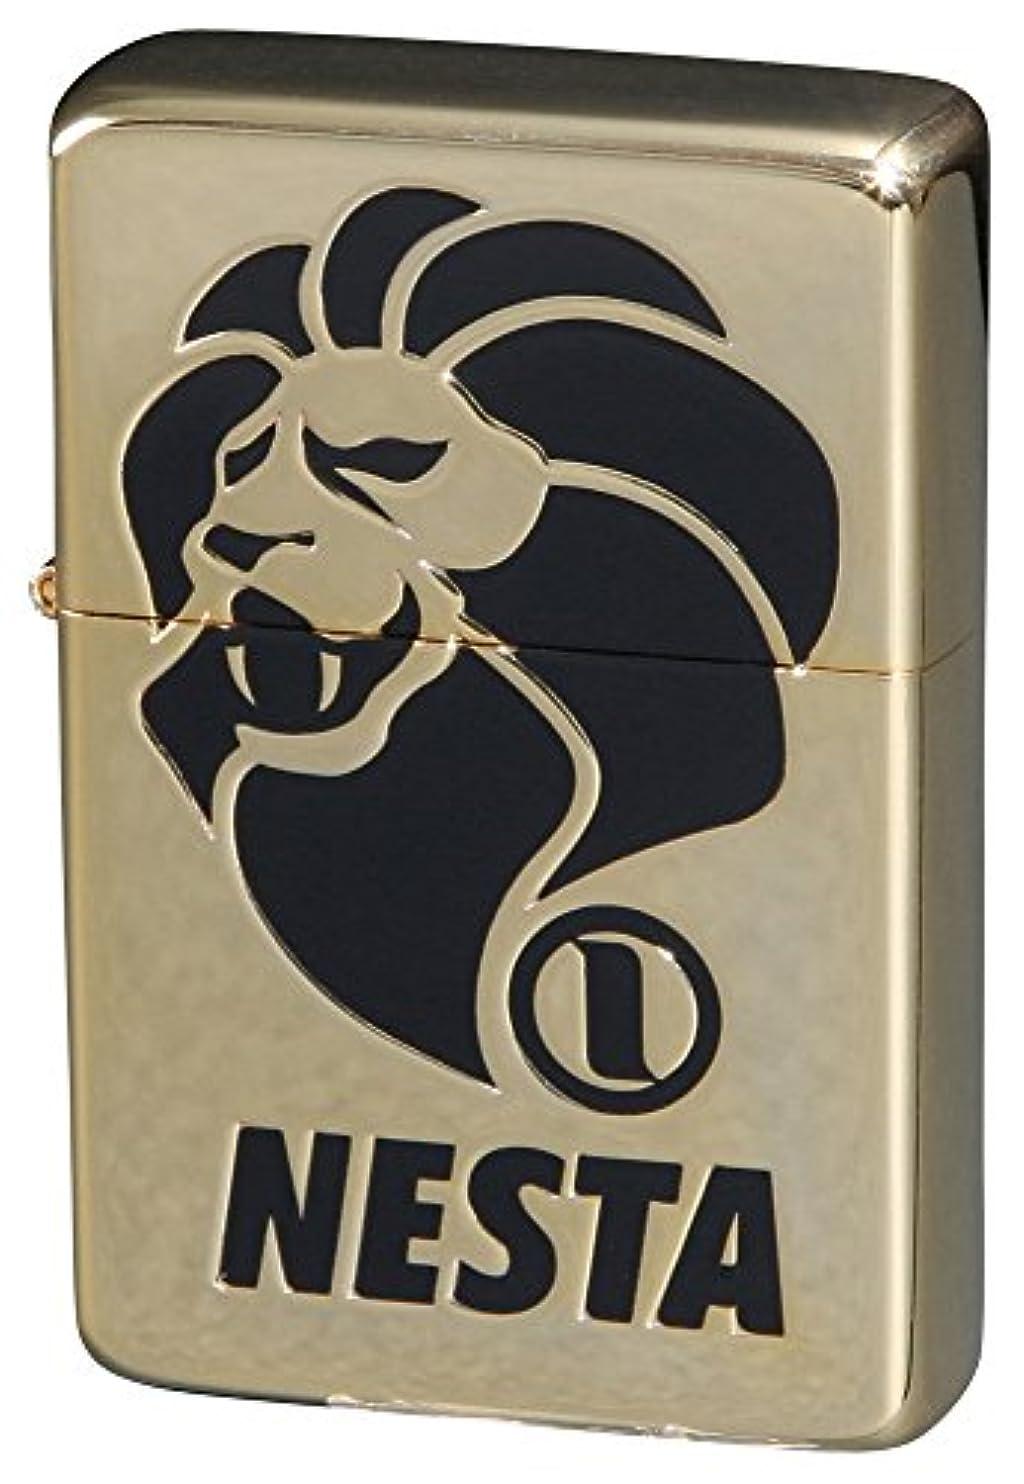 コンチネンタル番号川NESTA BRAND(ネスタブランド) オイルライター ロゴ 金メッキ DXN-LOG